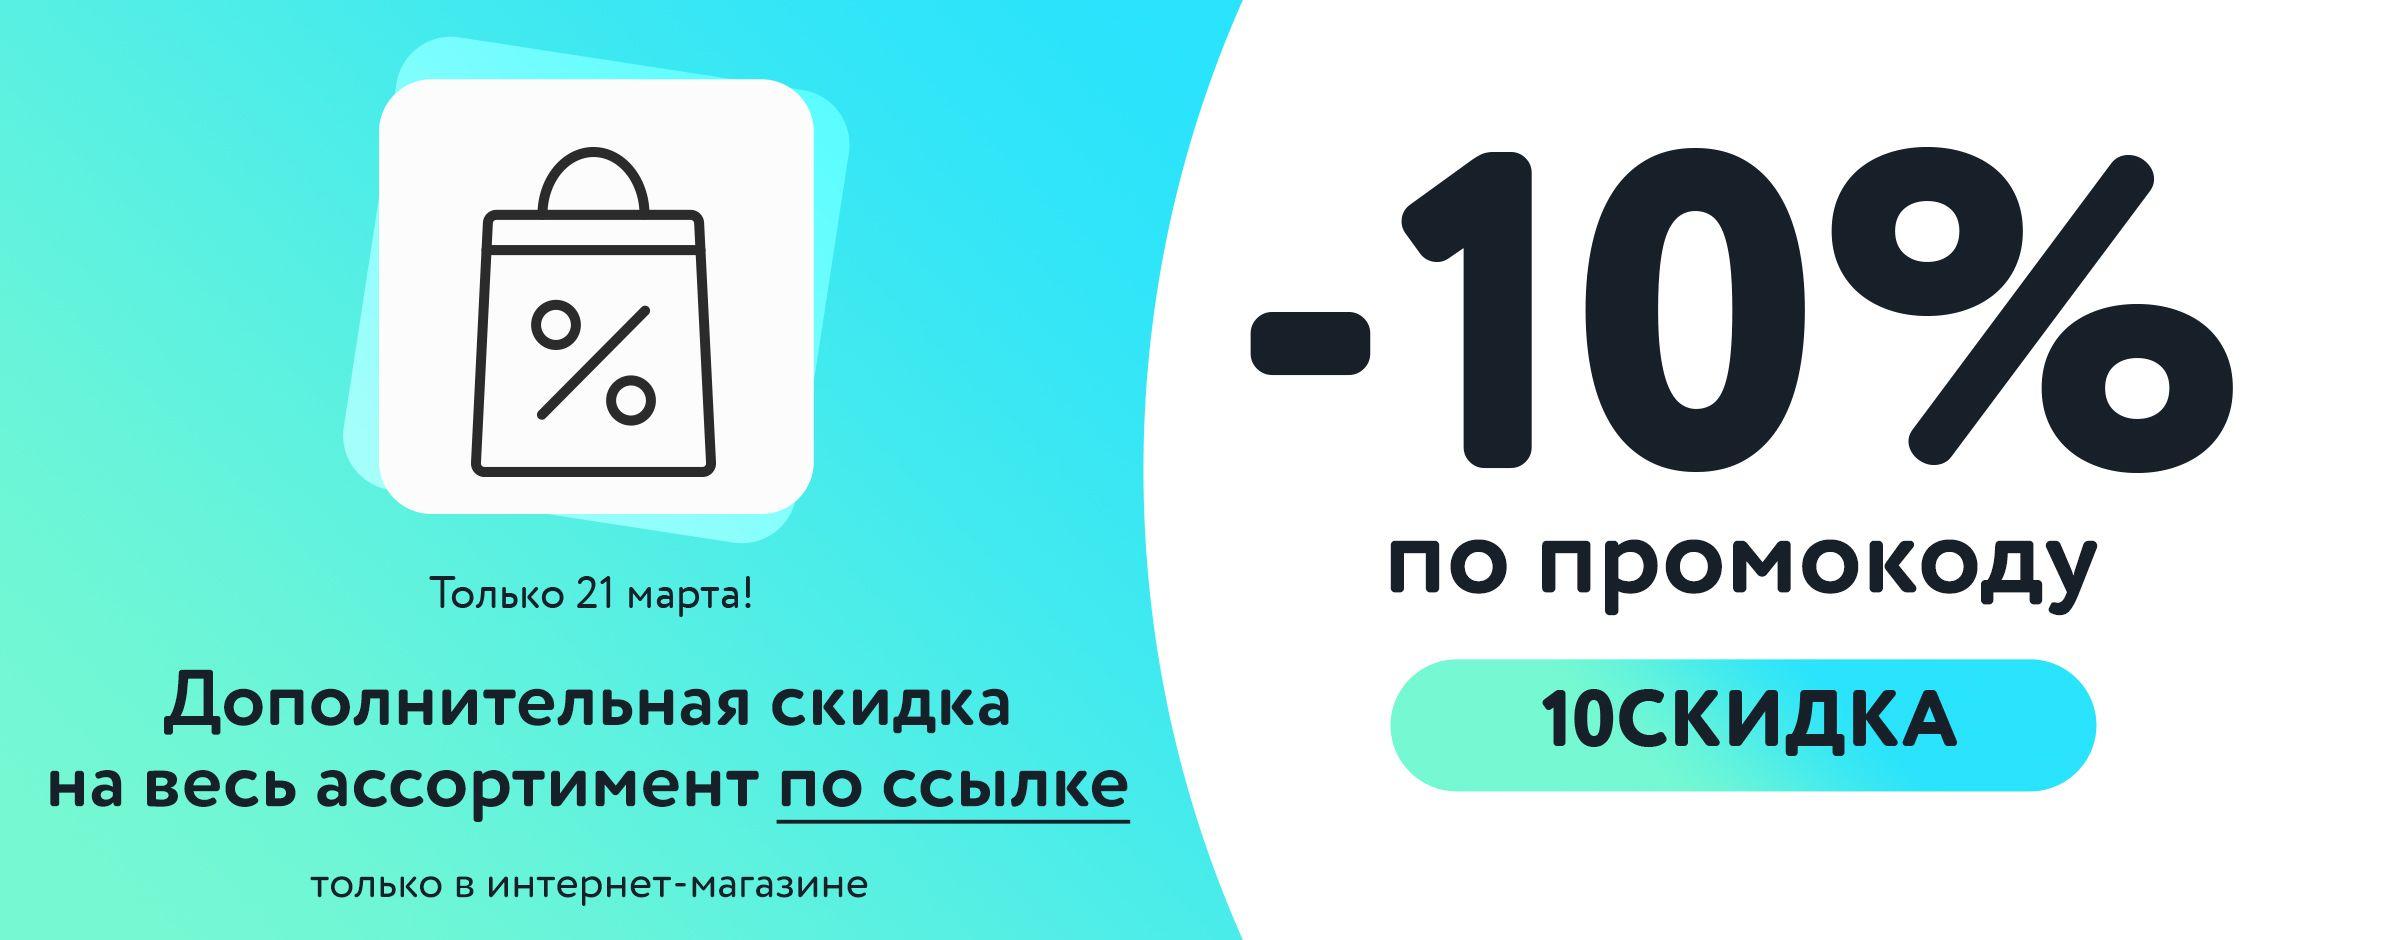 Доп. скидка 10% на выделенный ассортимент товаров по промокоду